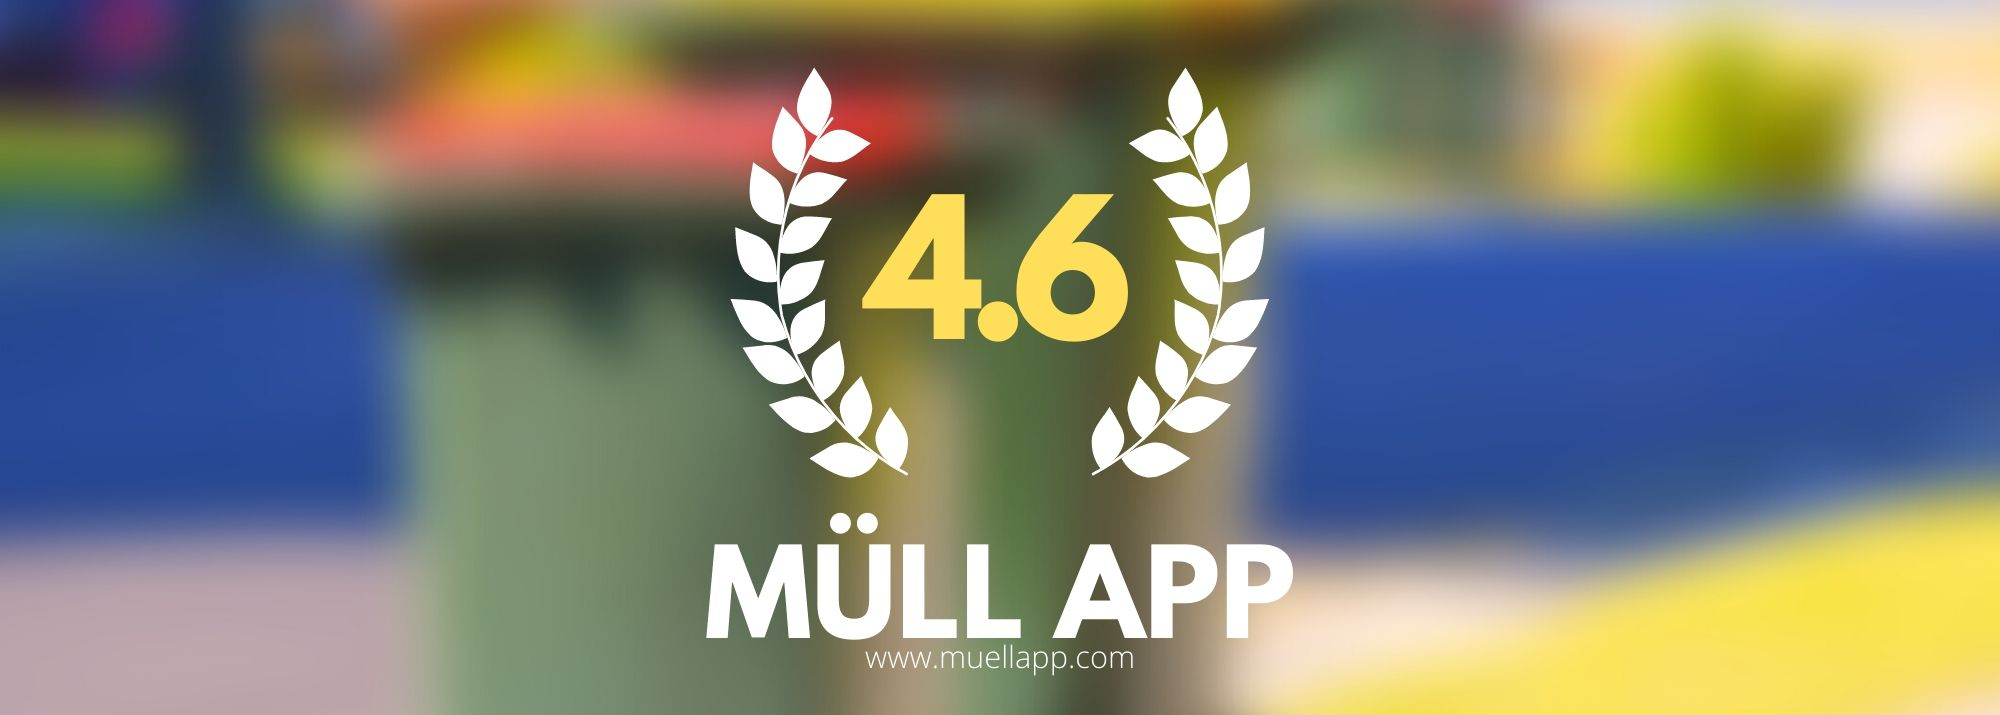 Die Müll App hat ein unglaubliches Rating von 4.6 im App Store